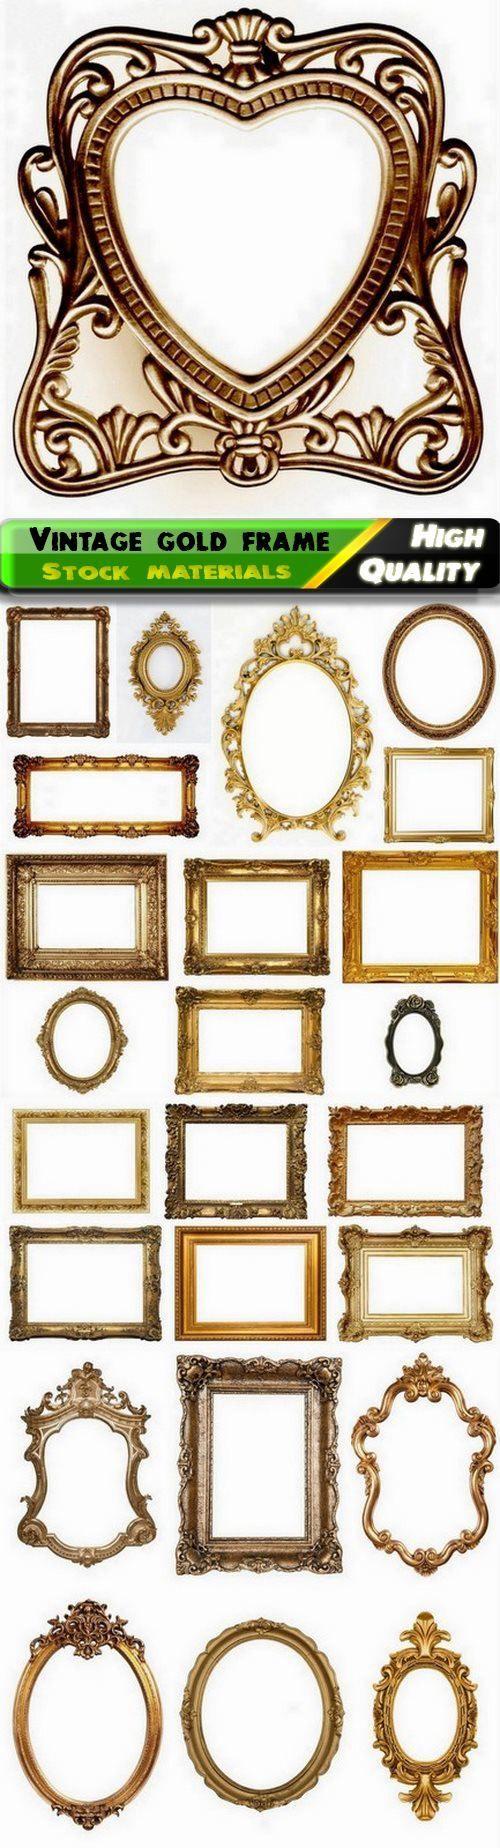 دانلود Vintage gold retro blank frame for picture Best images